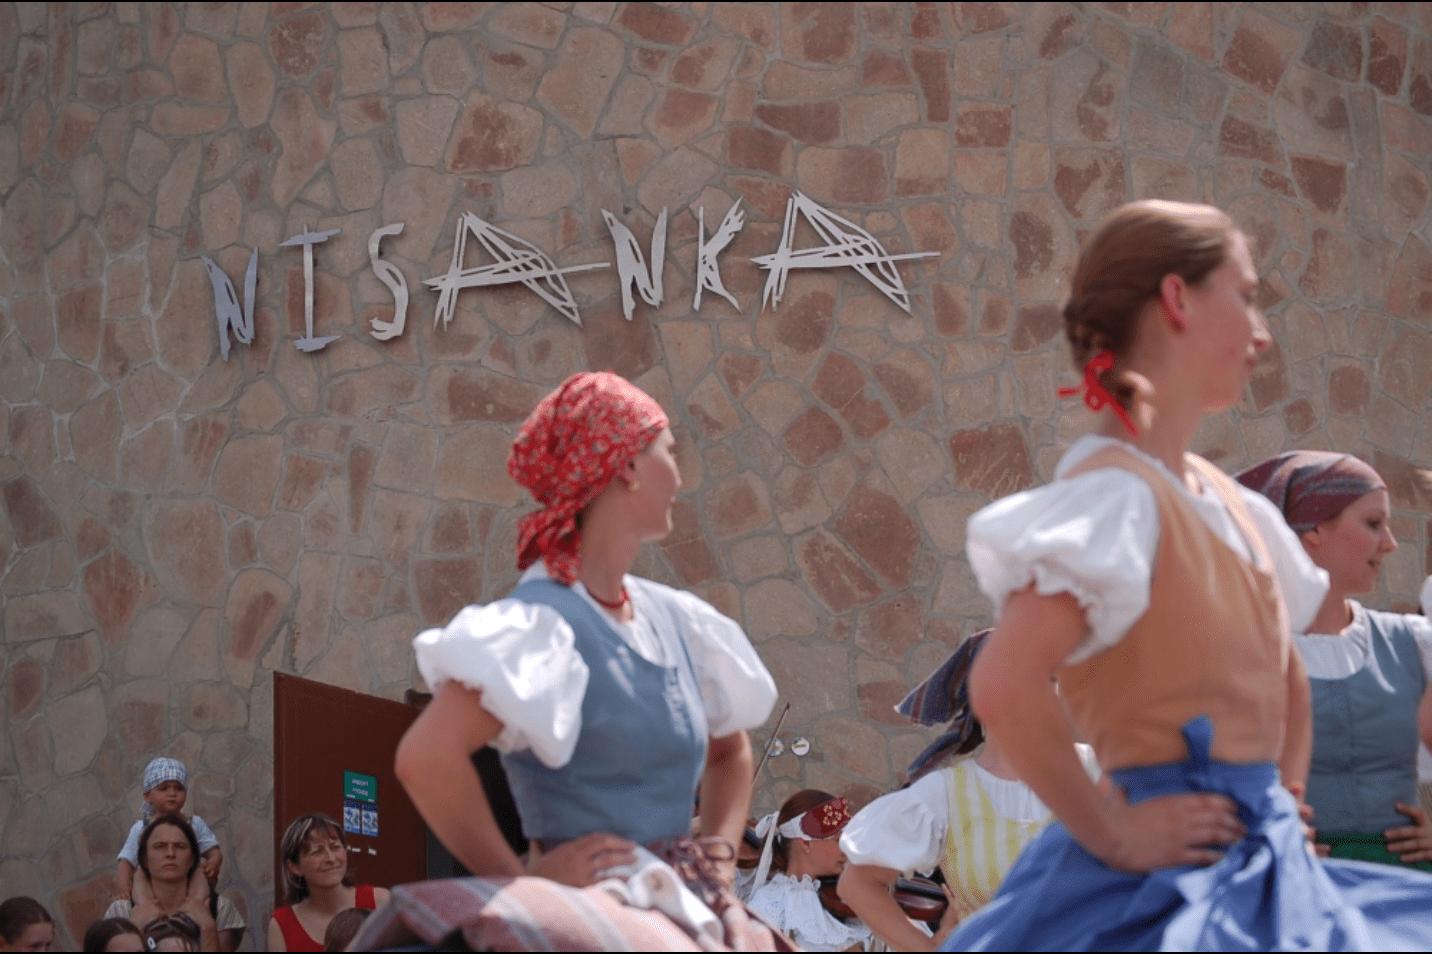 Folklórní soubor Nisanka tančící  stejnojmenné